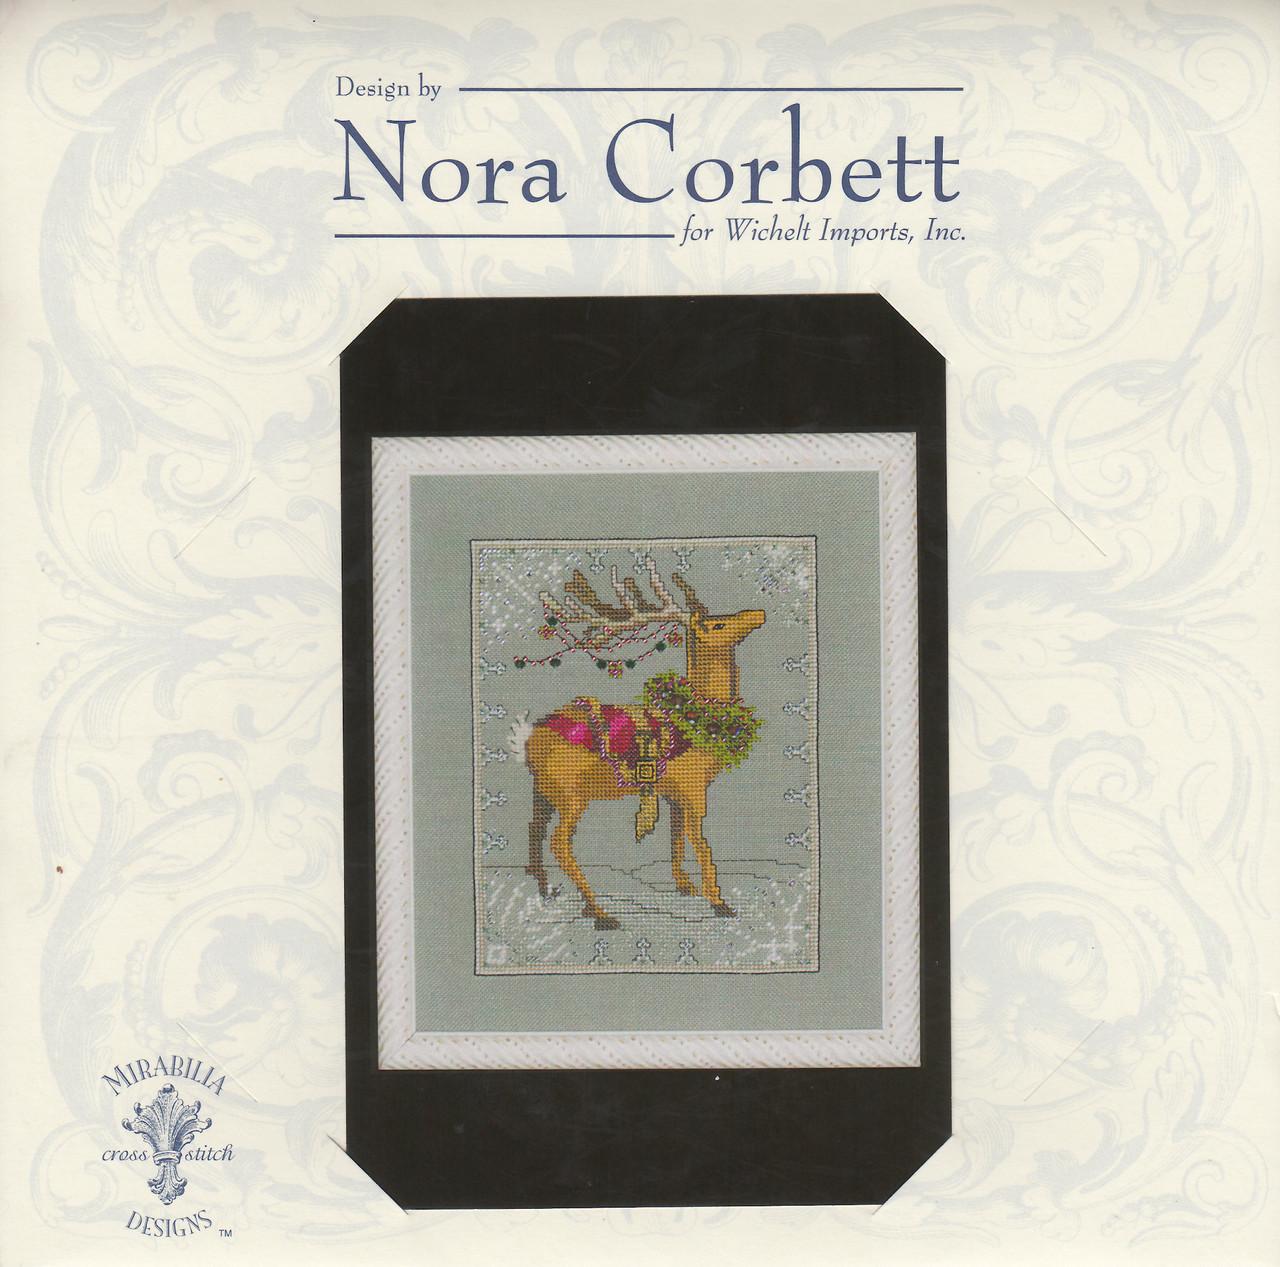 Nora Corbett - Donner